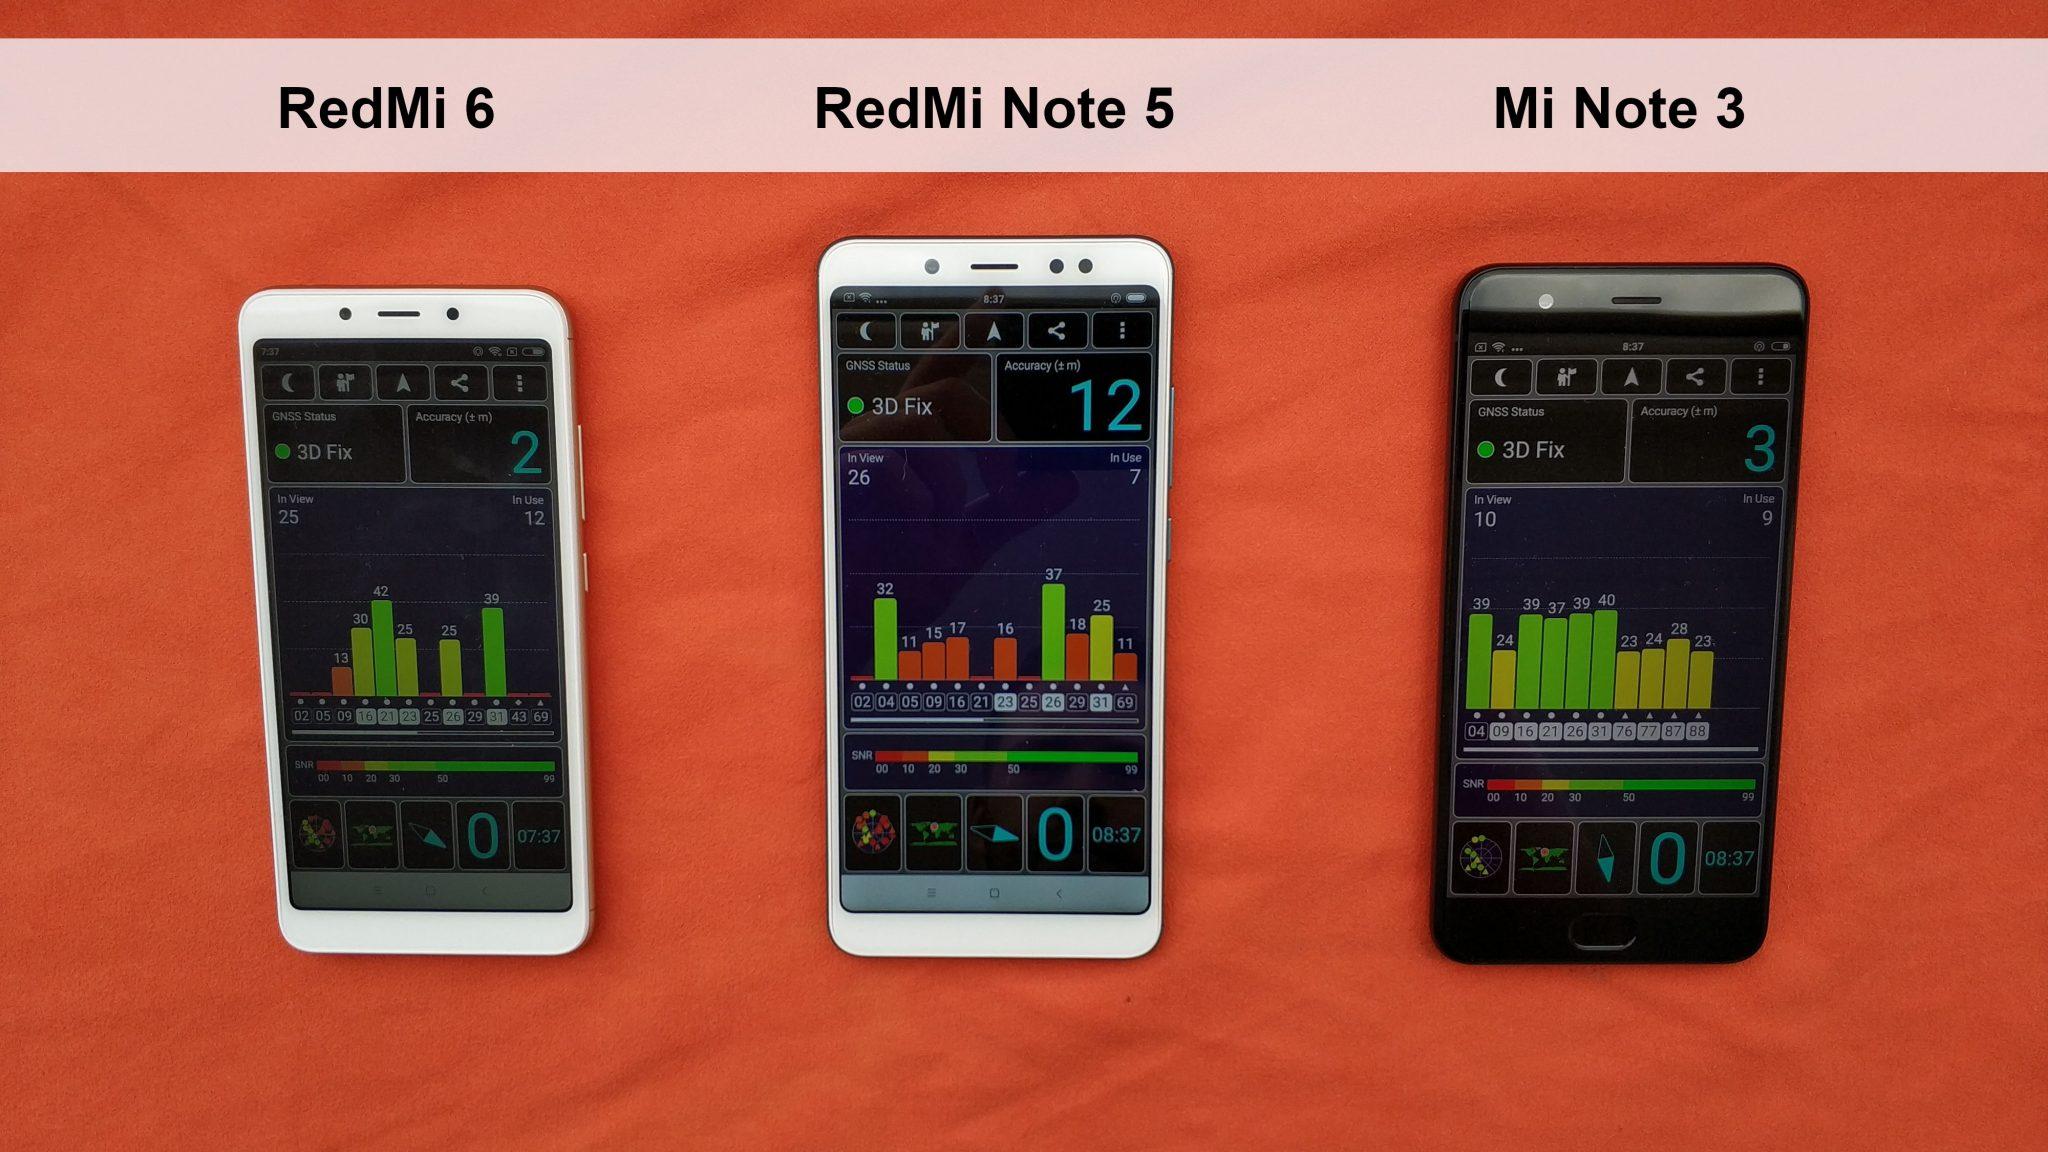 mi-globe_performance_review_redmi6_deviceinfo